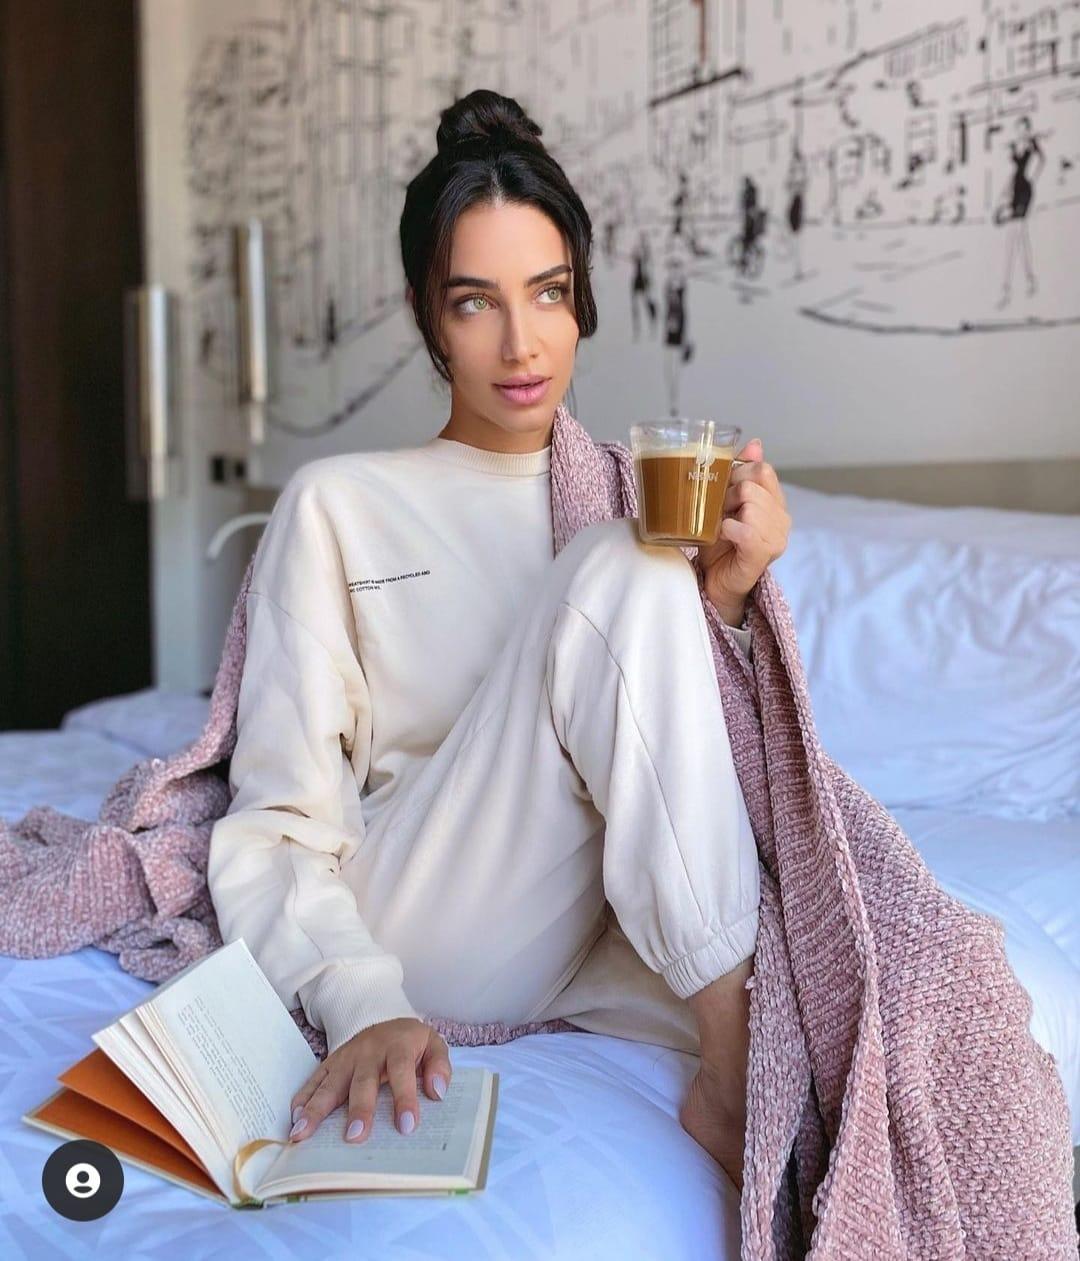 جيسيكا قهواتي في زي رياضي بلون الفوشيا صورة من انستغرامها الخاص @jessicakahawaty